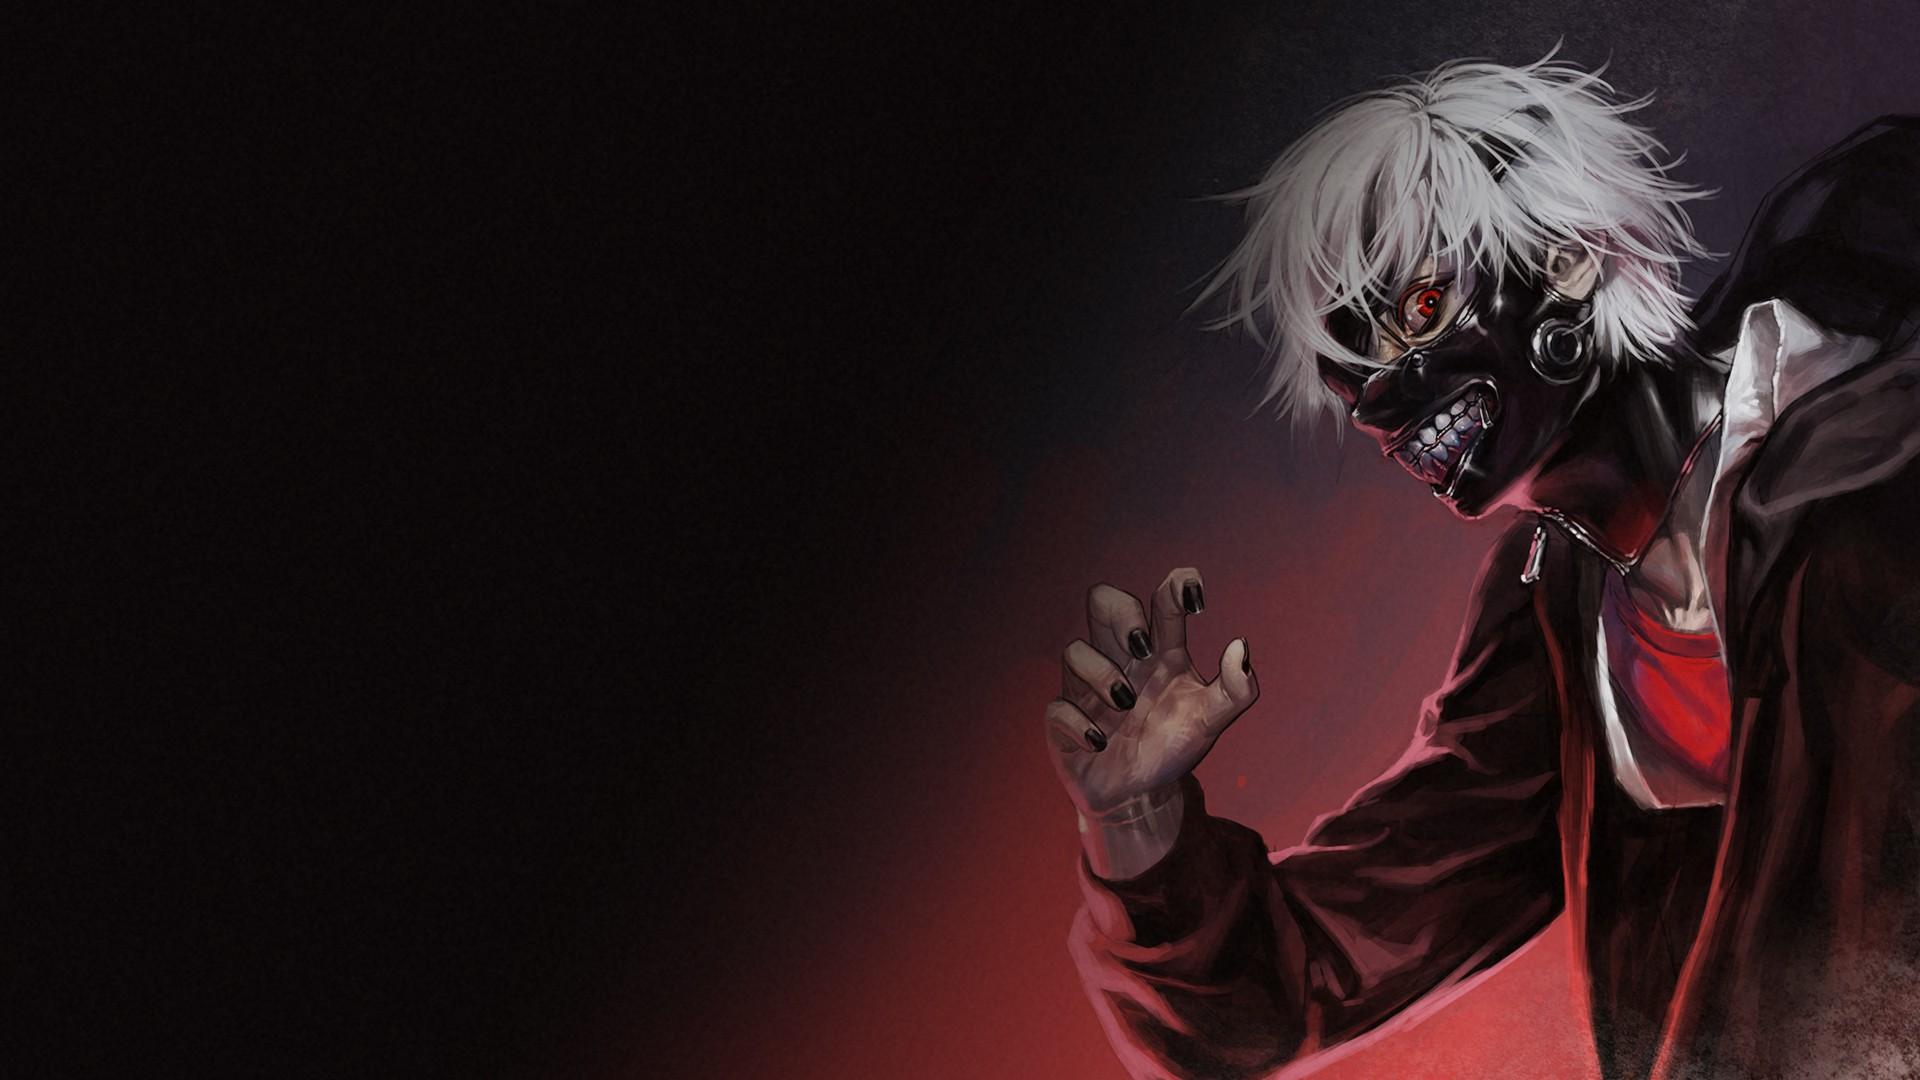 kaneki ken tokyo ghoul wallpaper - photo #30